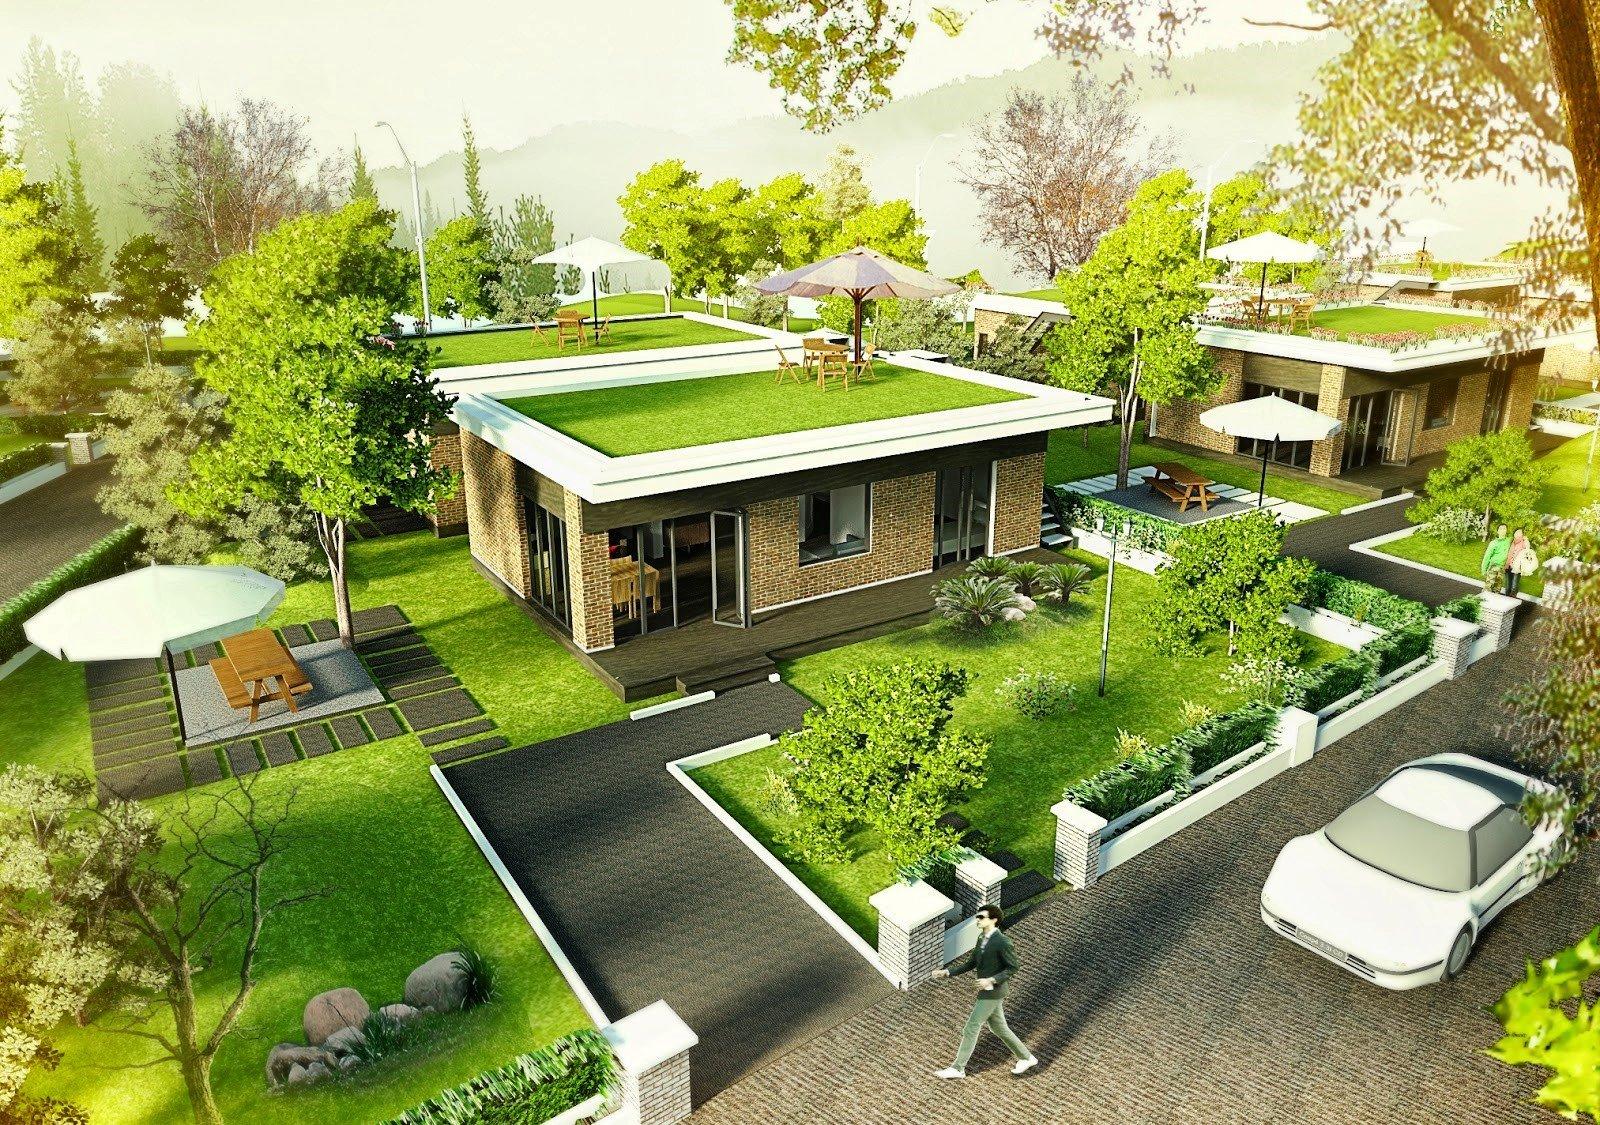 Thiết kế nhà với không gian xanh đang là xu hướng hiện nay